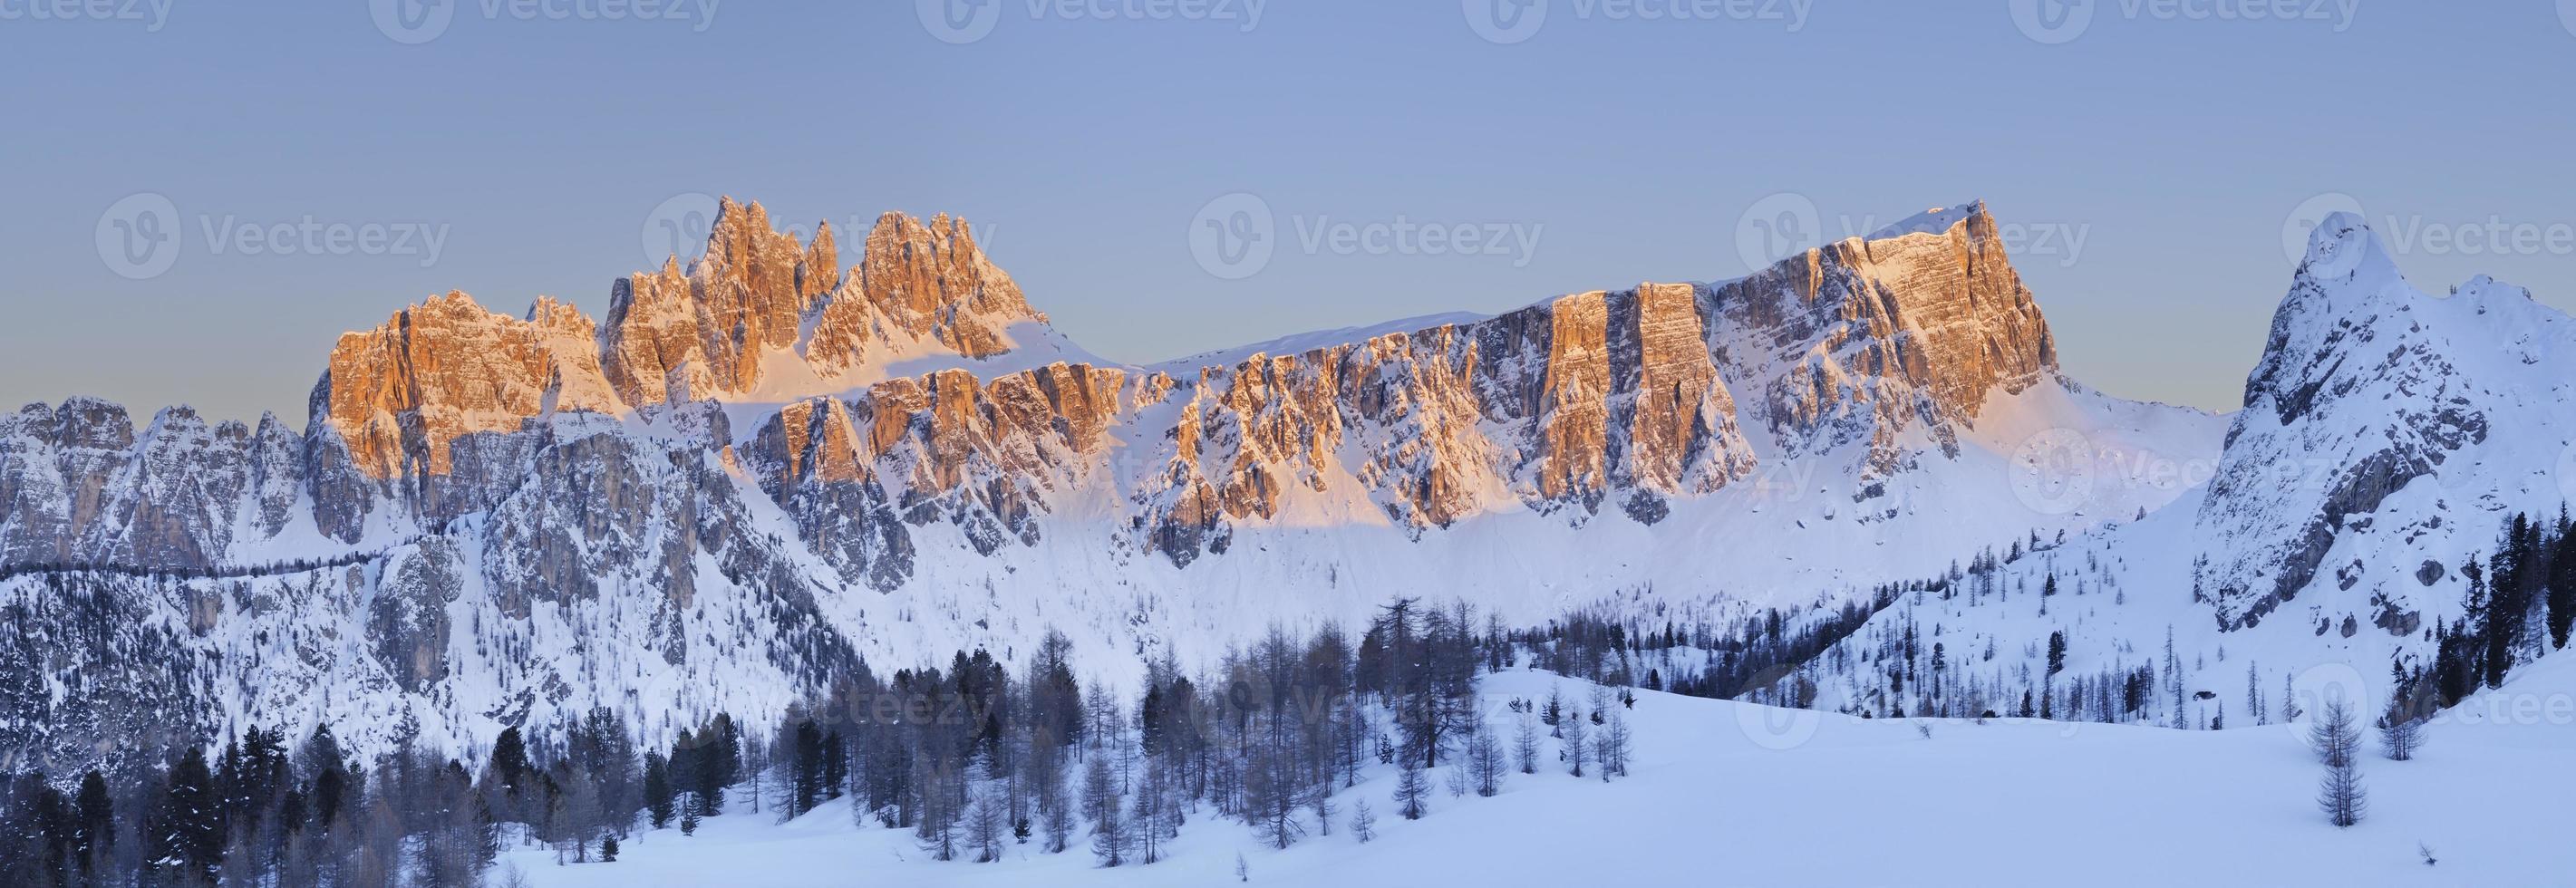 croda da lago bei Sonnenuntergang (Dolomiten - Italien) foto